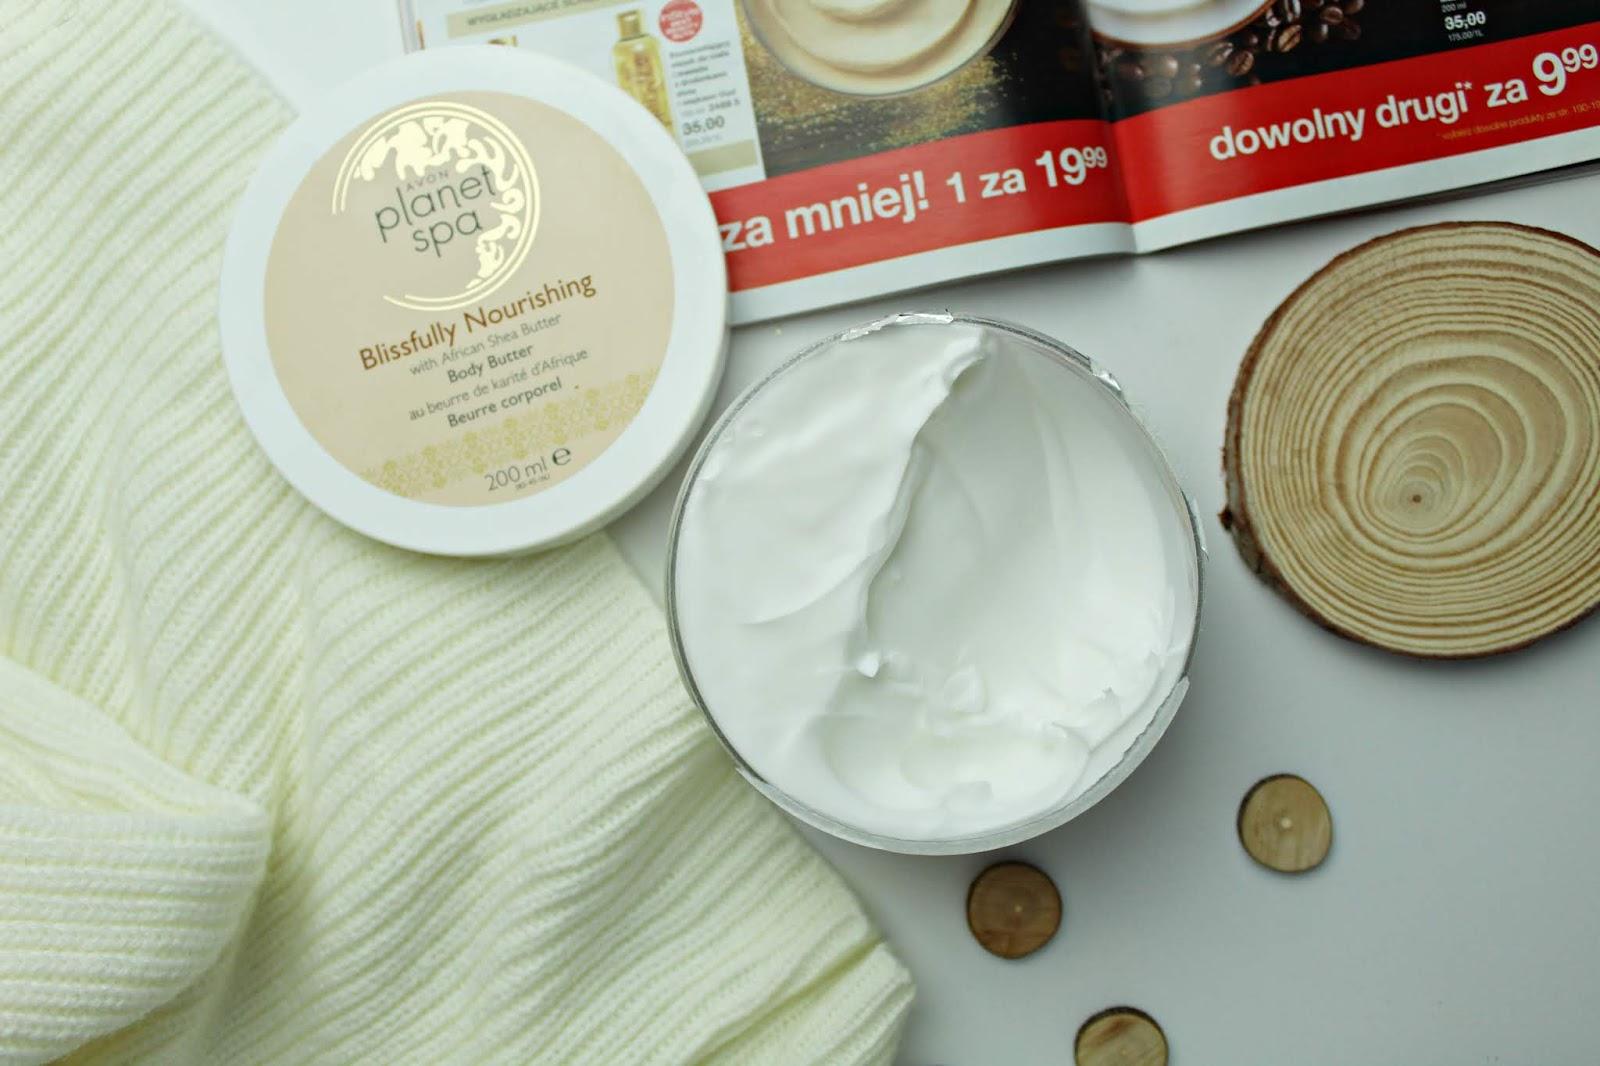 Avon Planet Spa Blissfully Nourishing body butter, czyli odżywcze masło do ciała z masłem shea